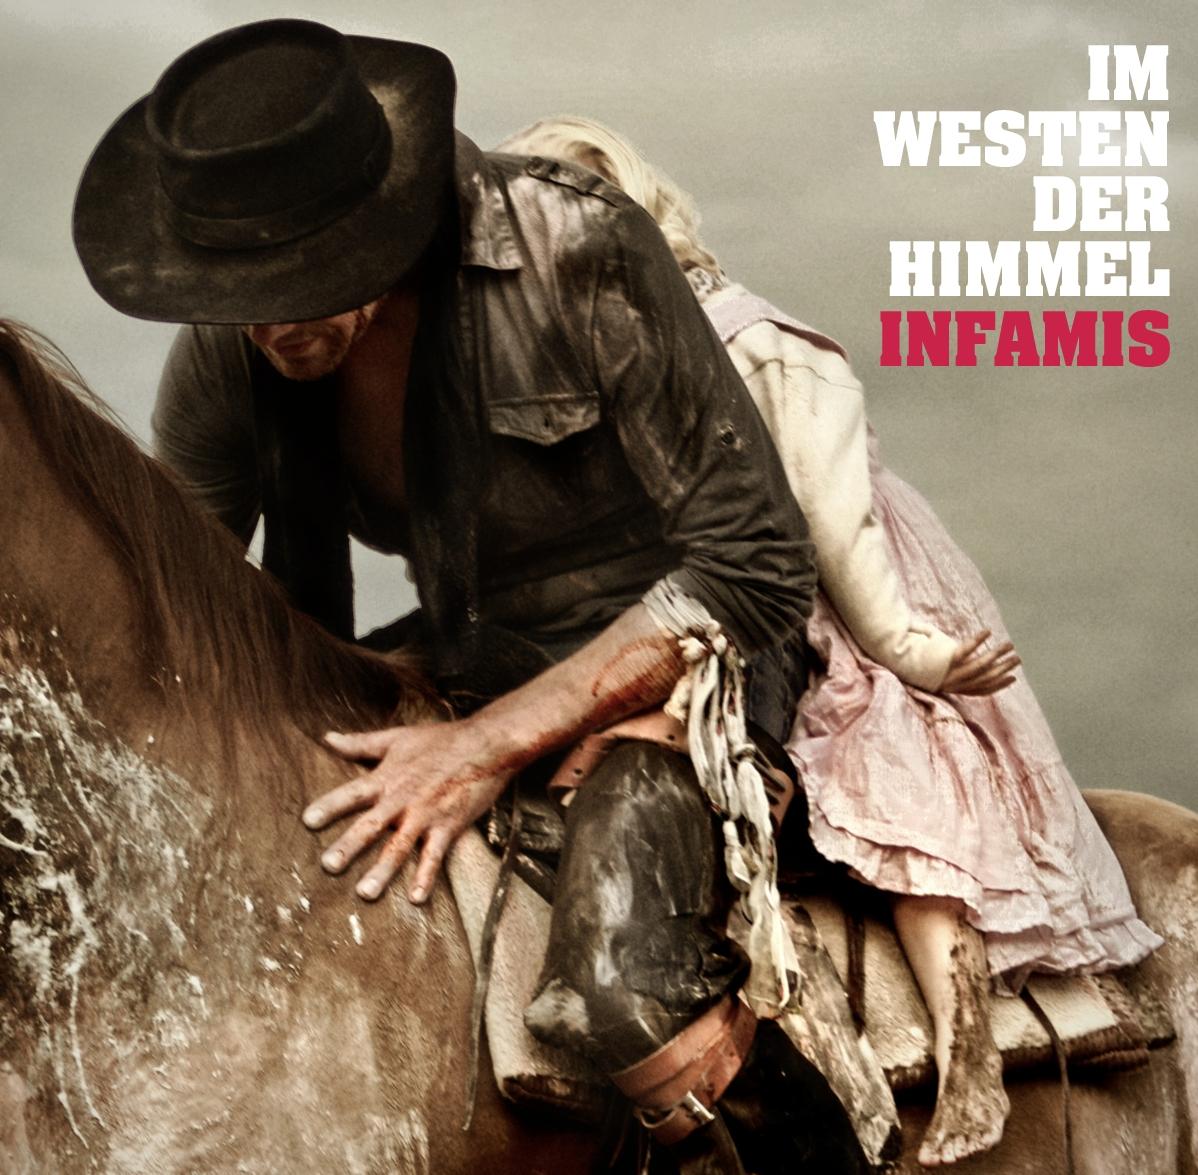 Infamis – Im Westen der Himmel